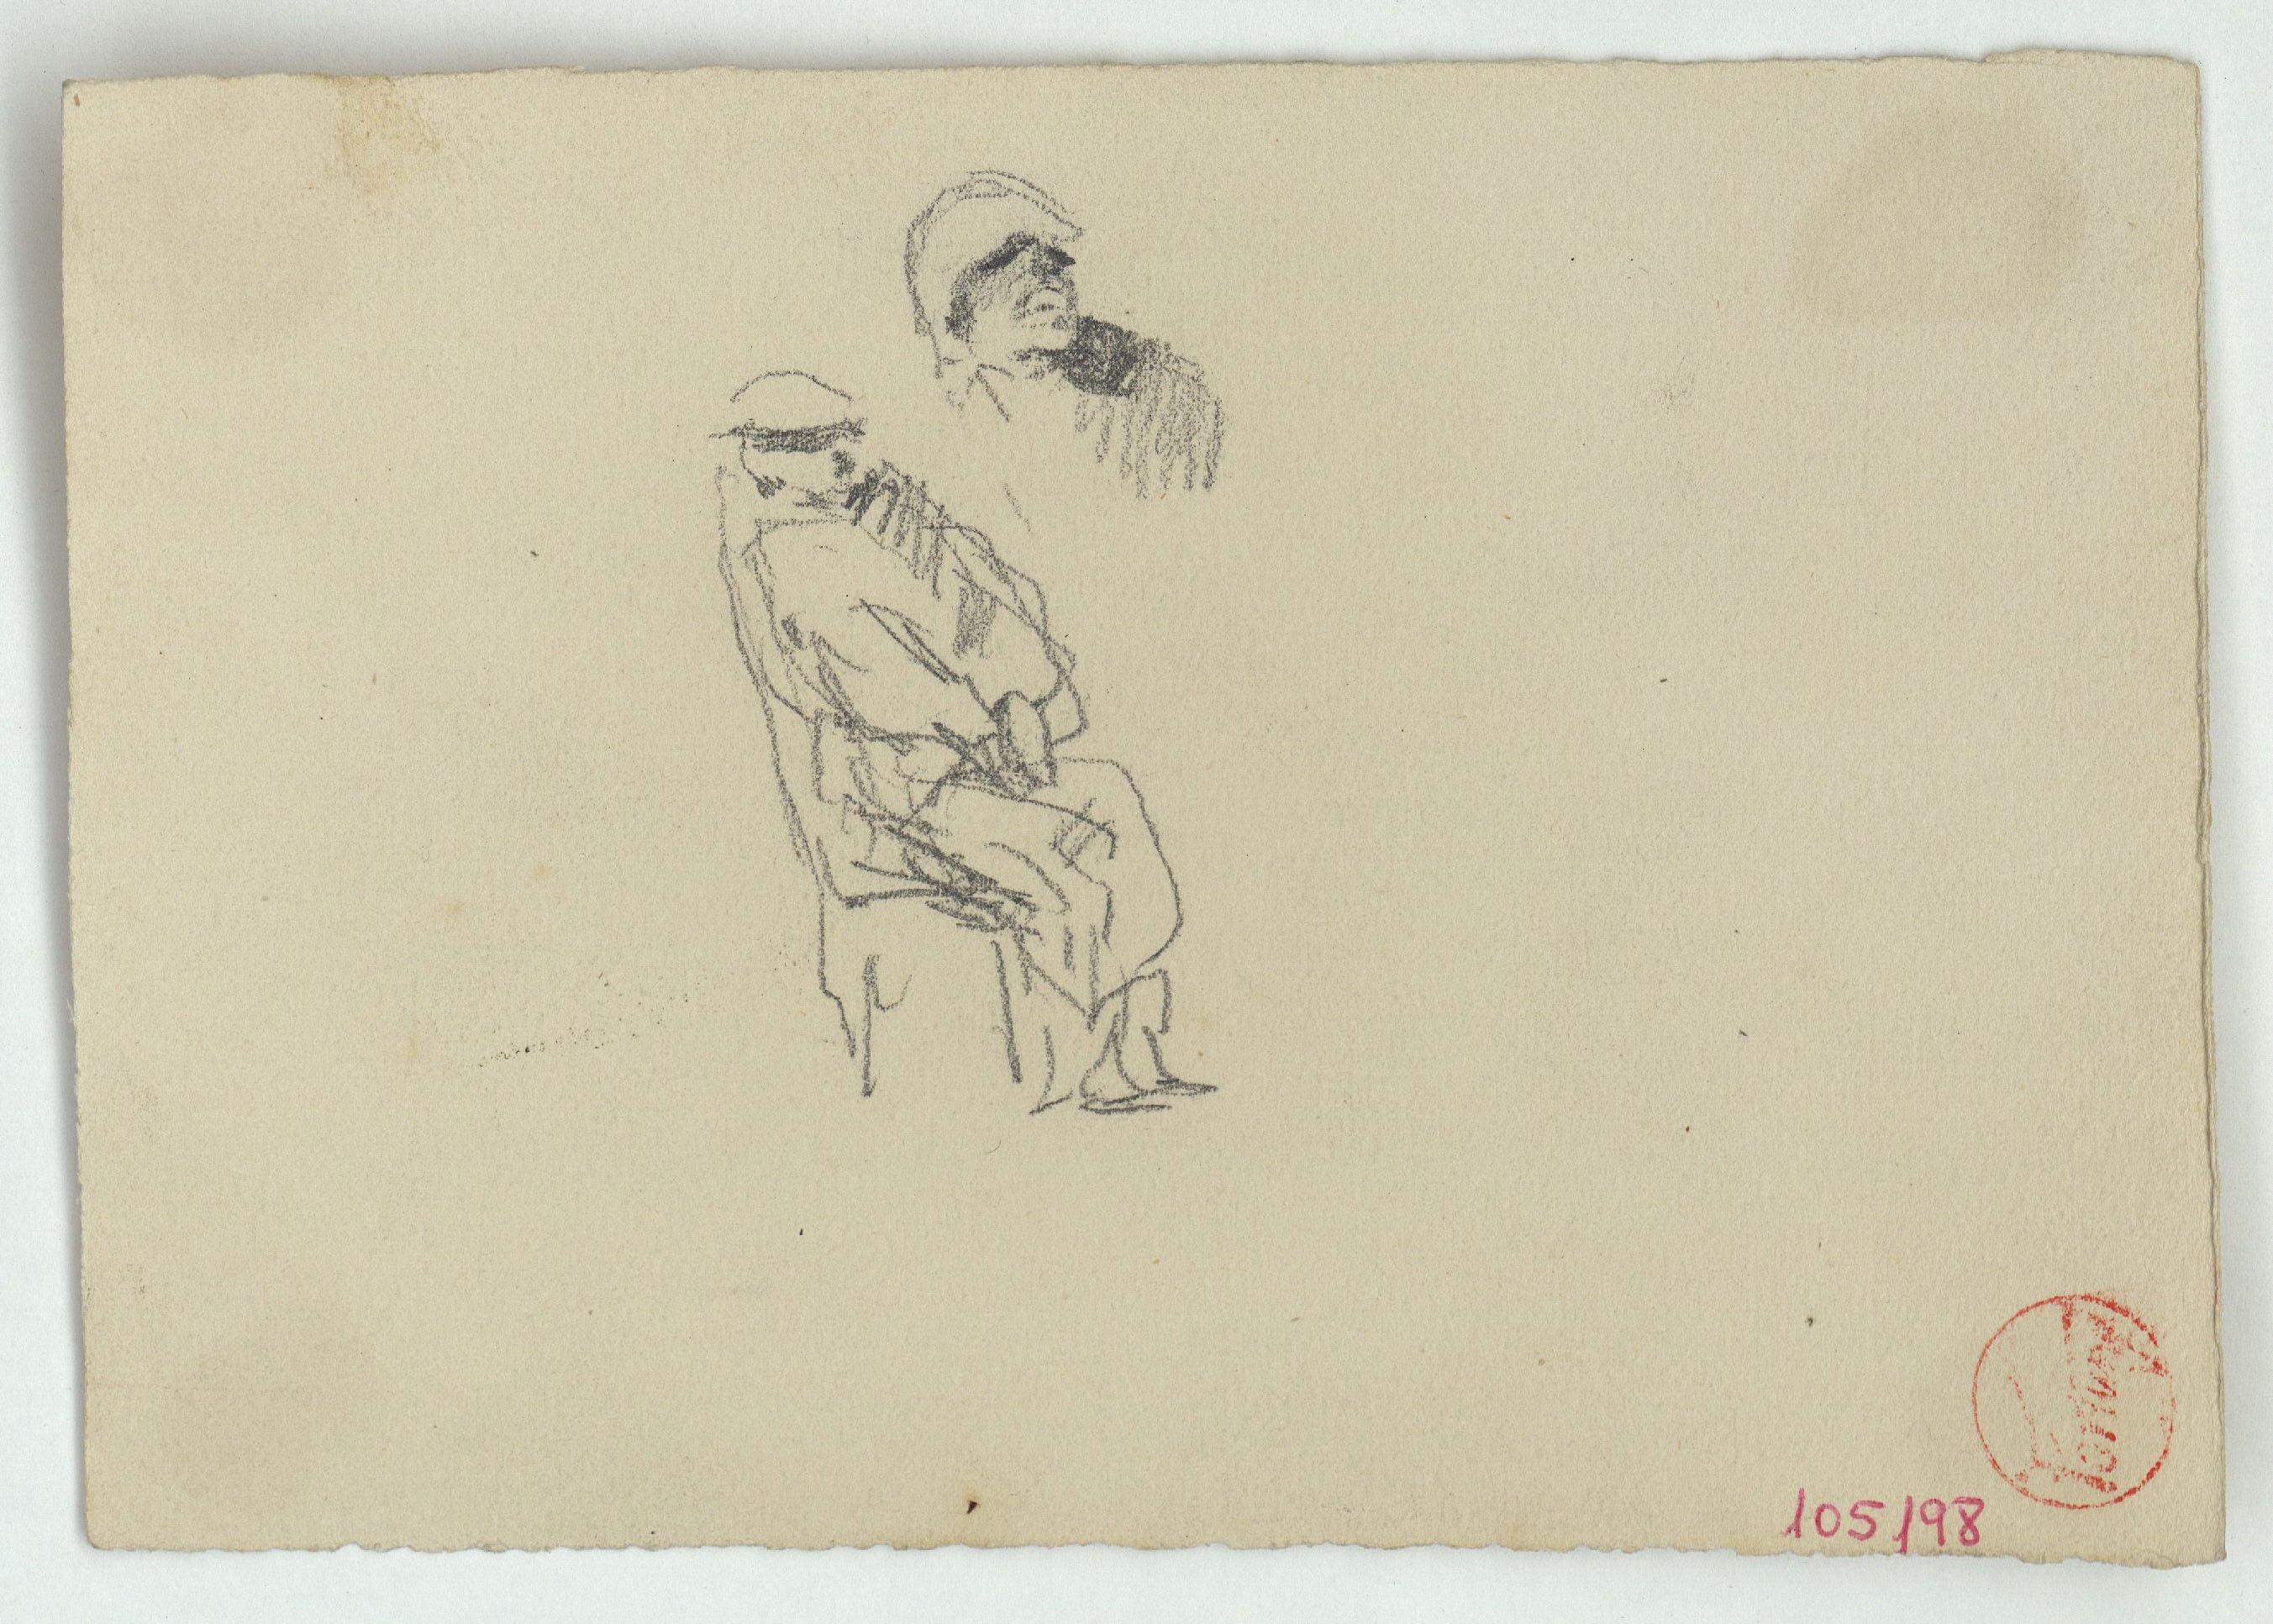 Marià Fortuny - Esbós d'un cap i figura asseguda - Cap a 1863-1867